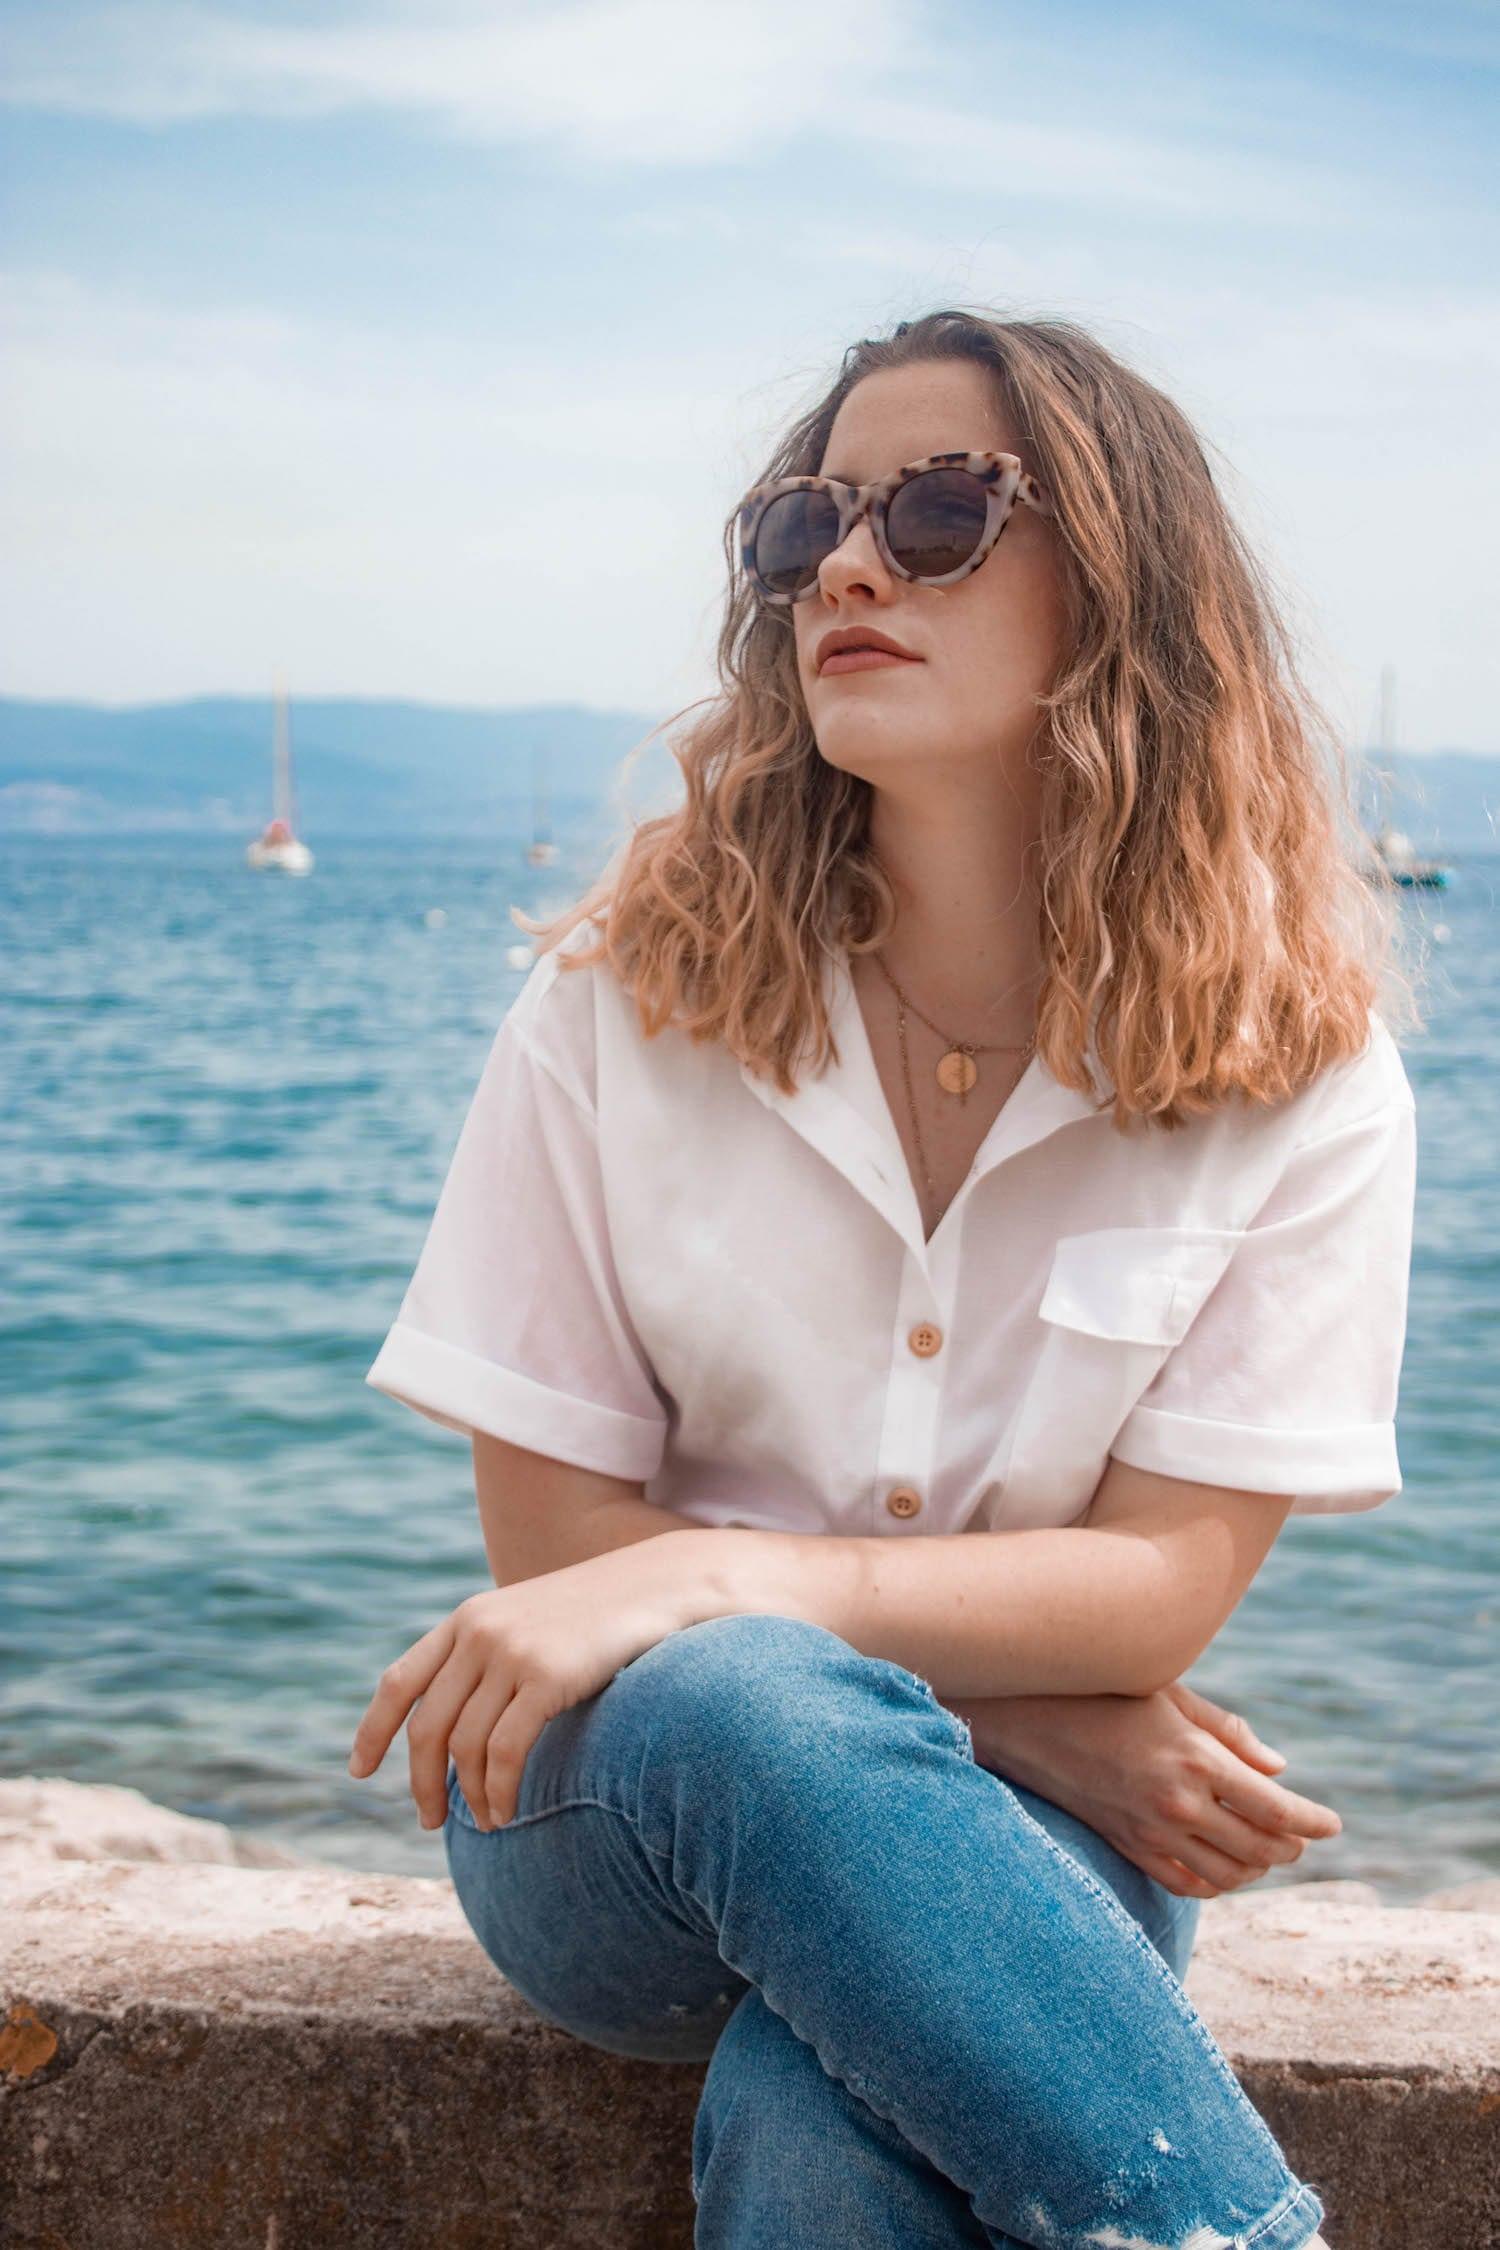 Comment porter la chemise blanche manches courtes ? - happinesscoco.com